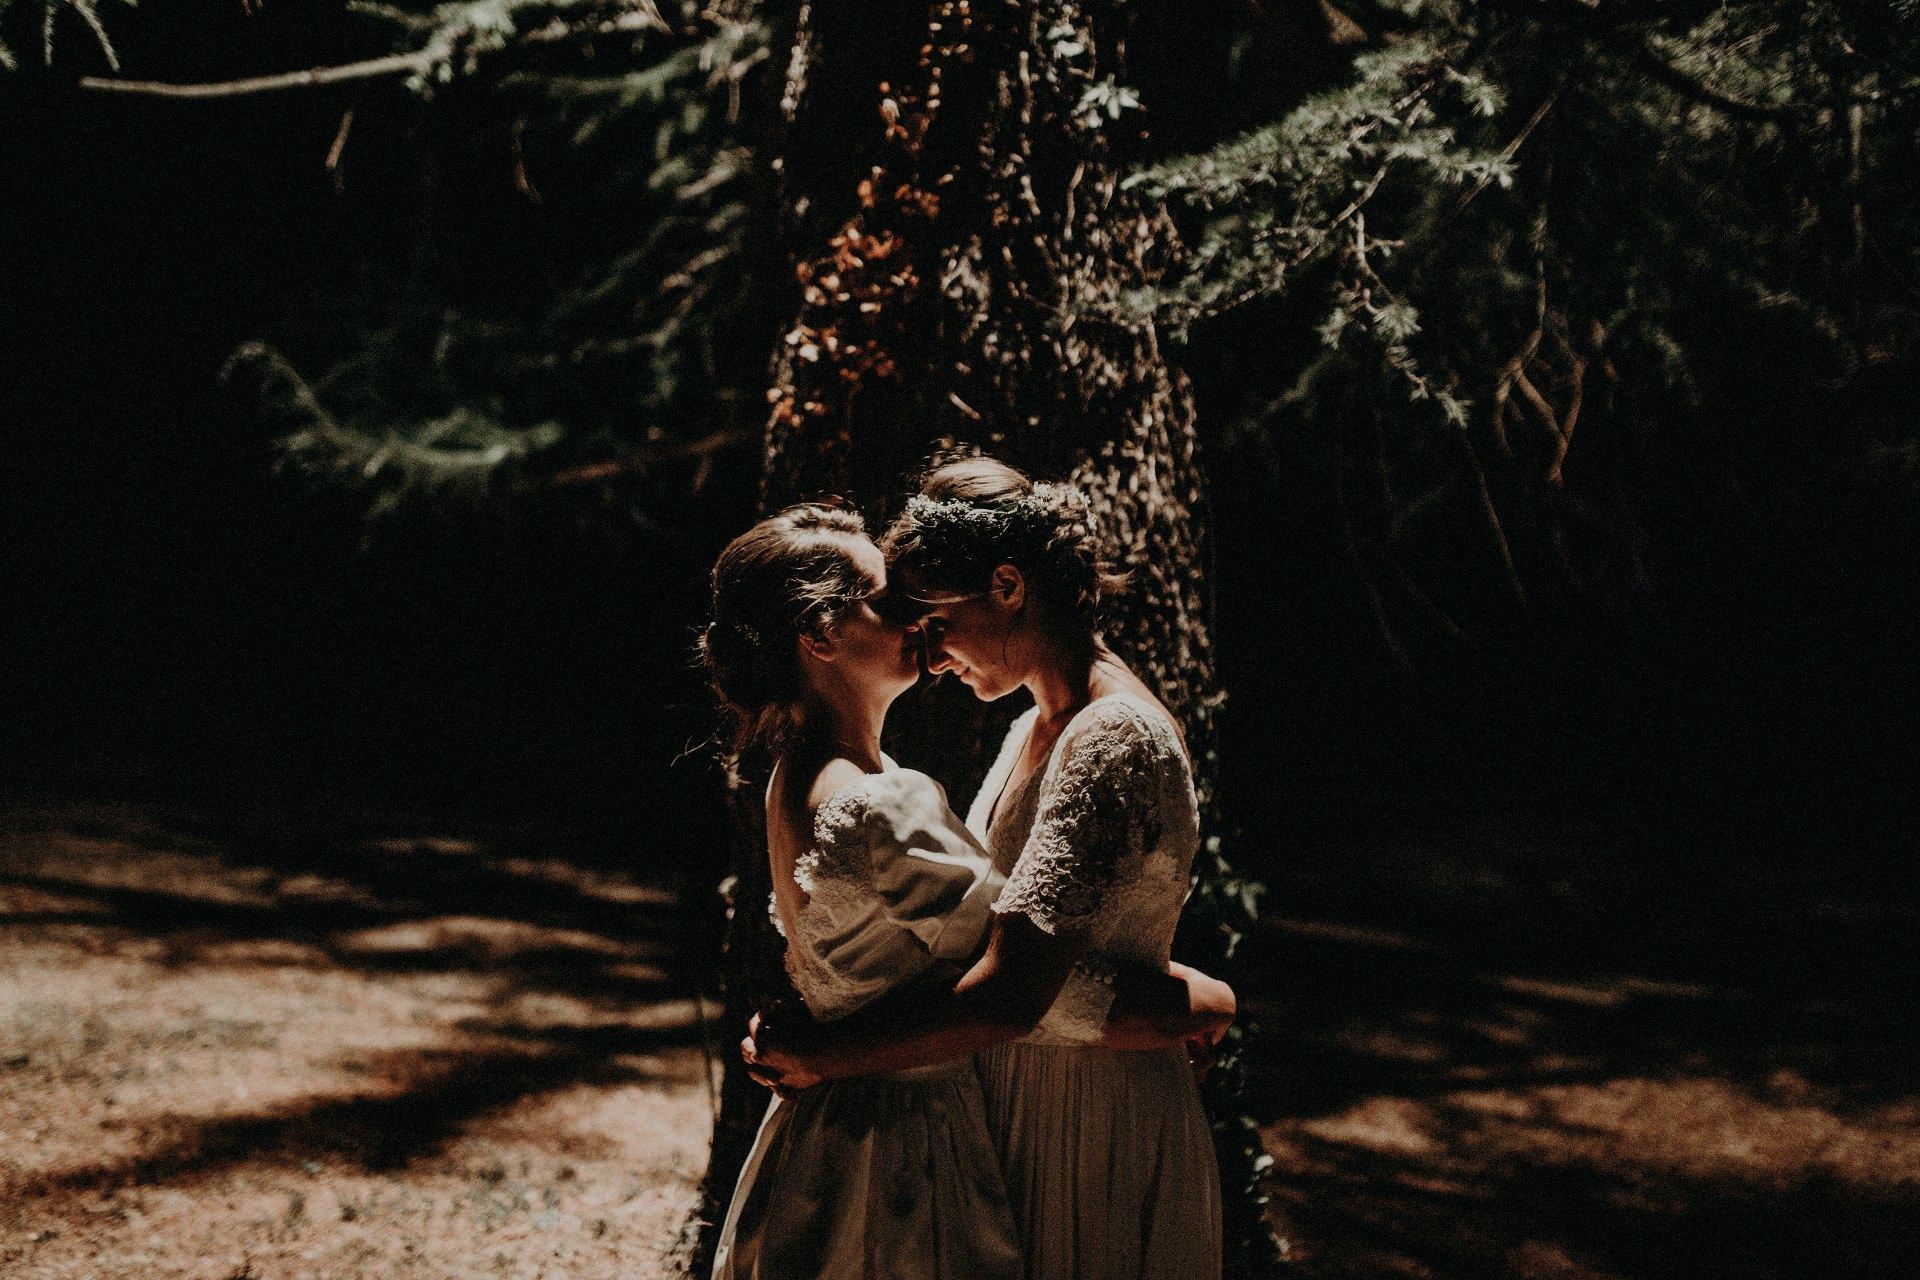 photographe-mariage-bordeaux-79.jpg